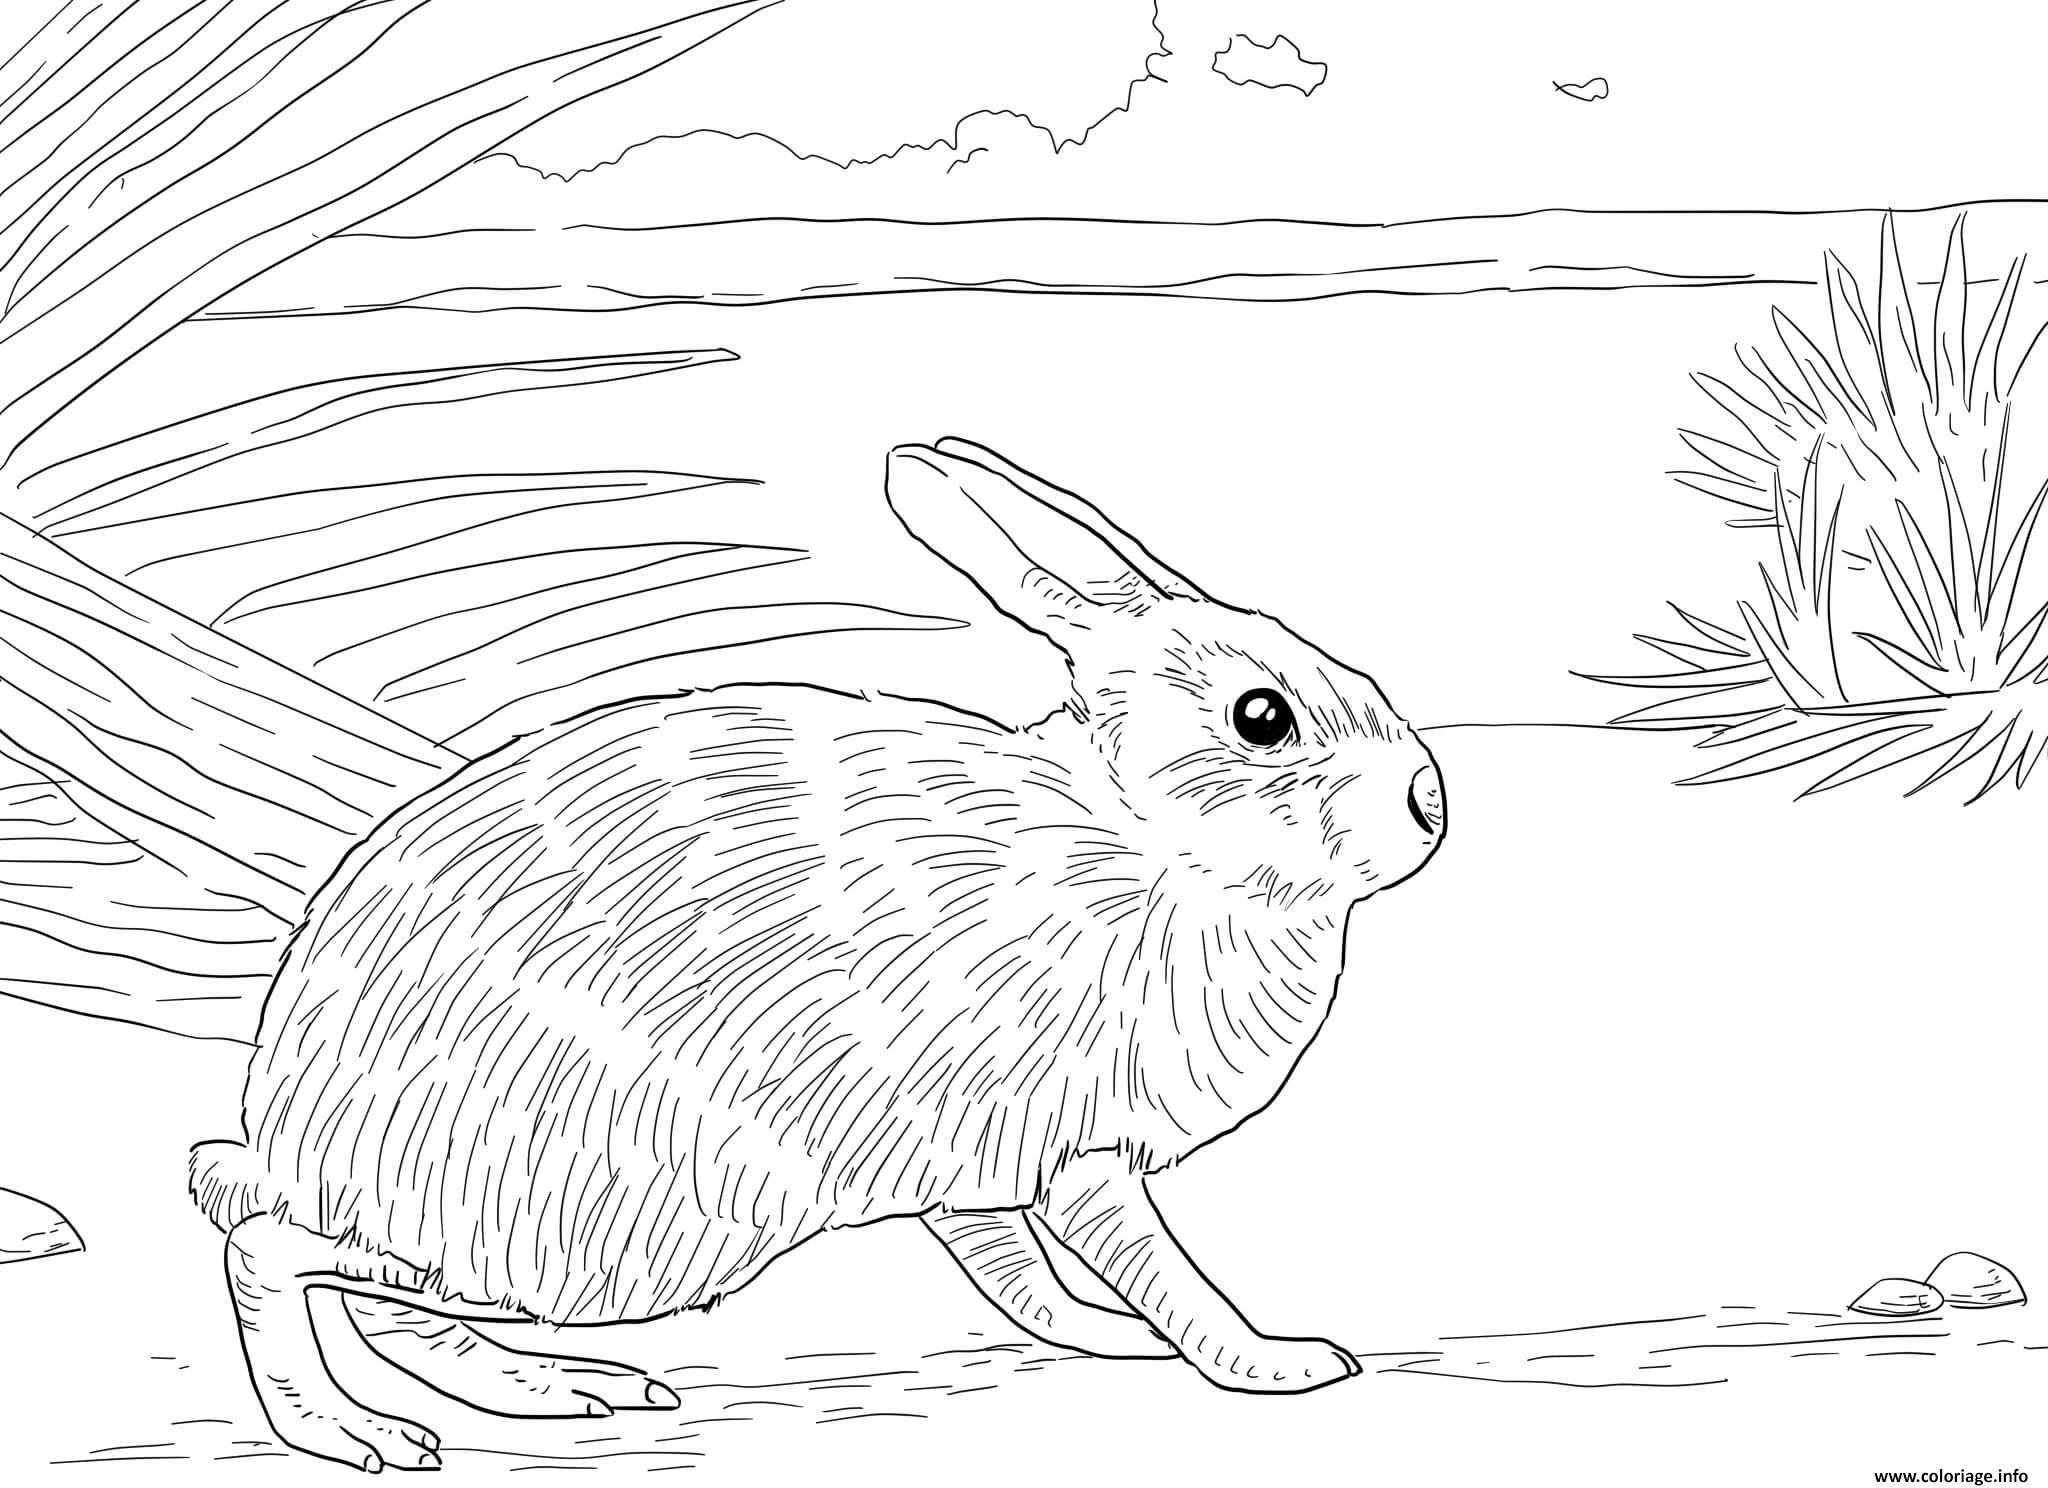 Dessin nautre lapin realiste Coloriage Gratuit à Imprimer